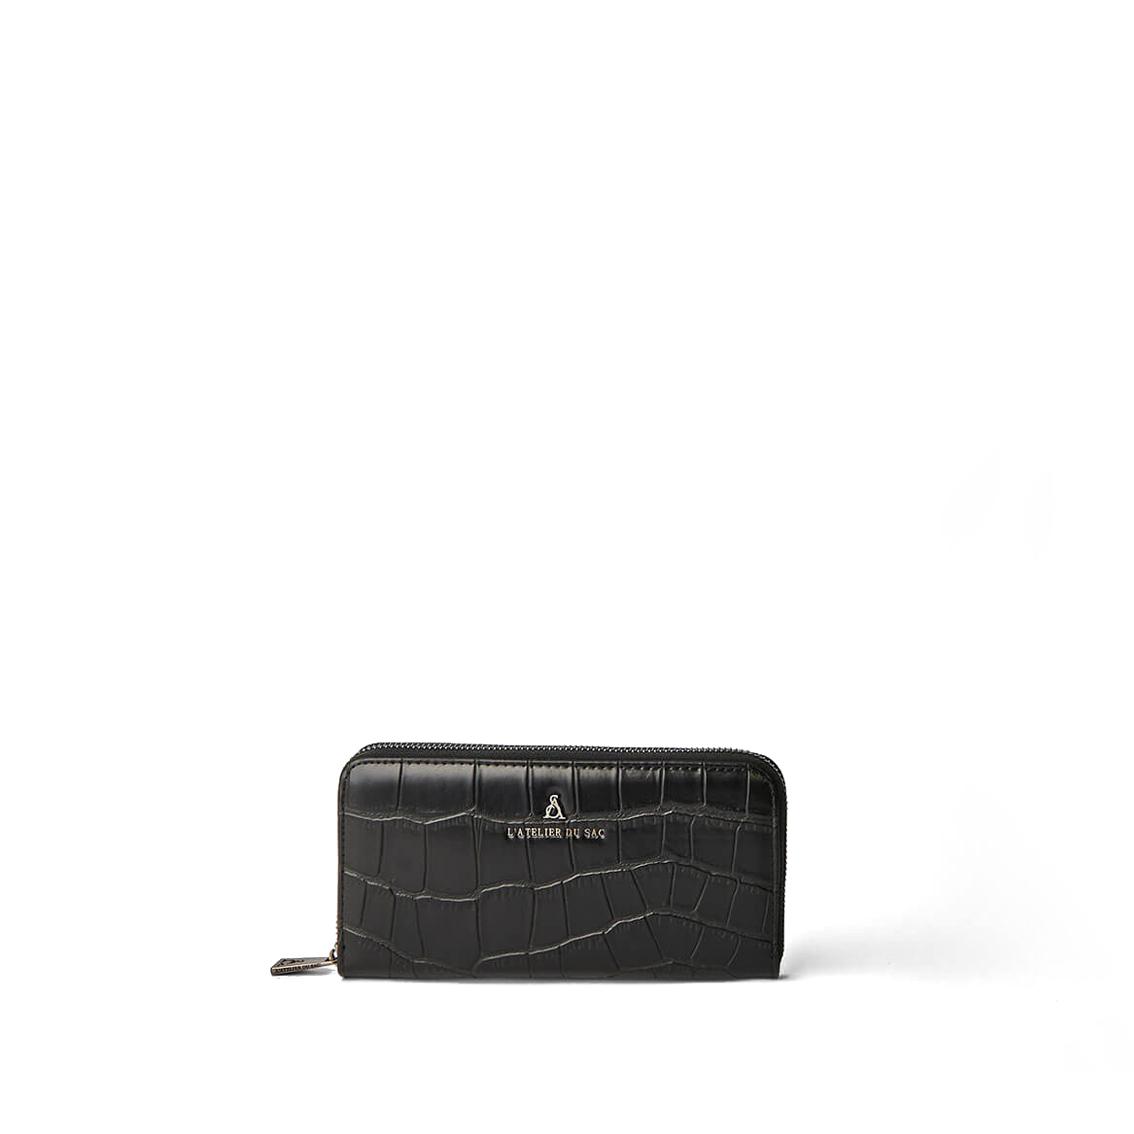 Portafoglio nero con cocco PashBag